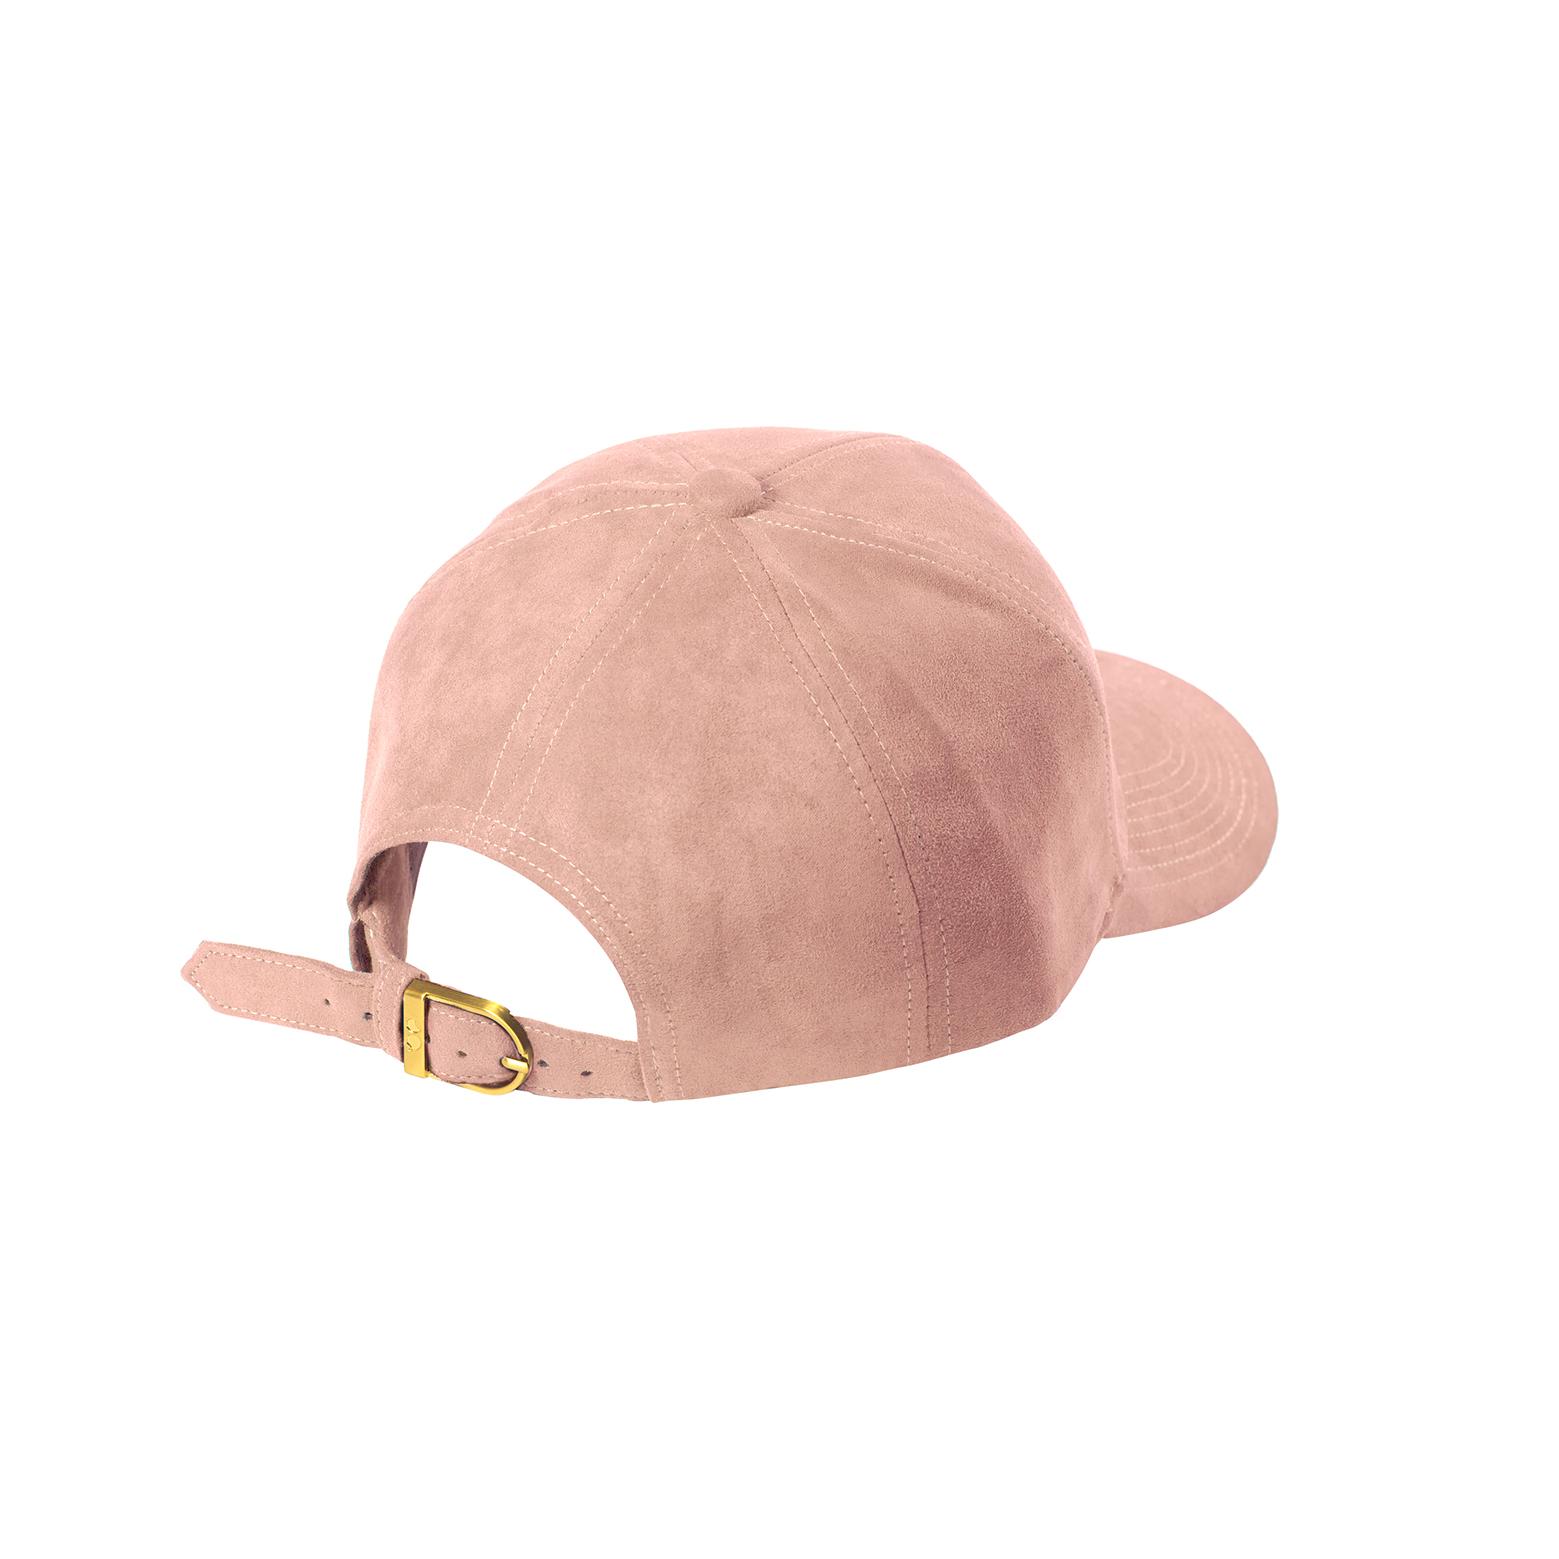 58f415789fb DSLINE BASEBALL CAP CLOUD ROSE SUEDE   GOLD - DSLINE BASICS